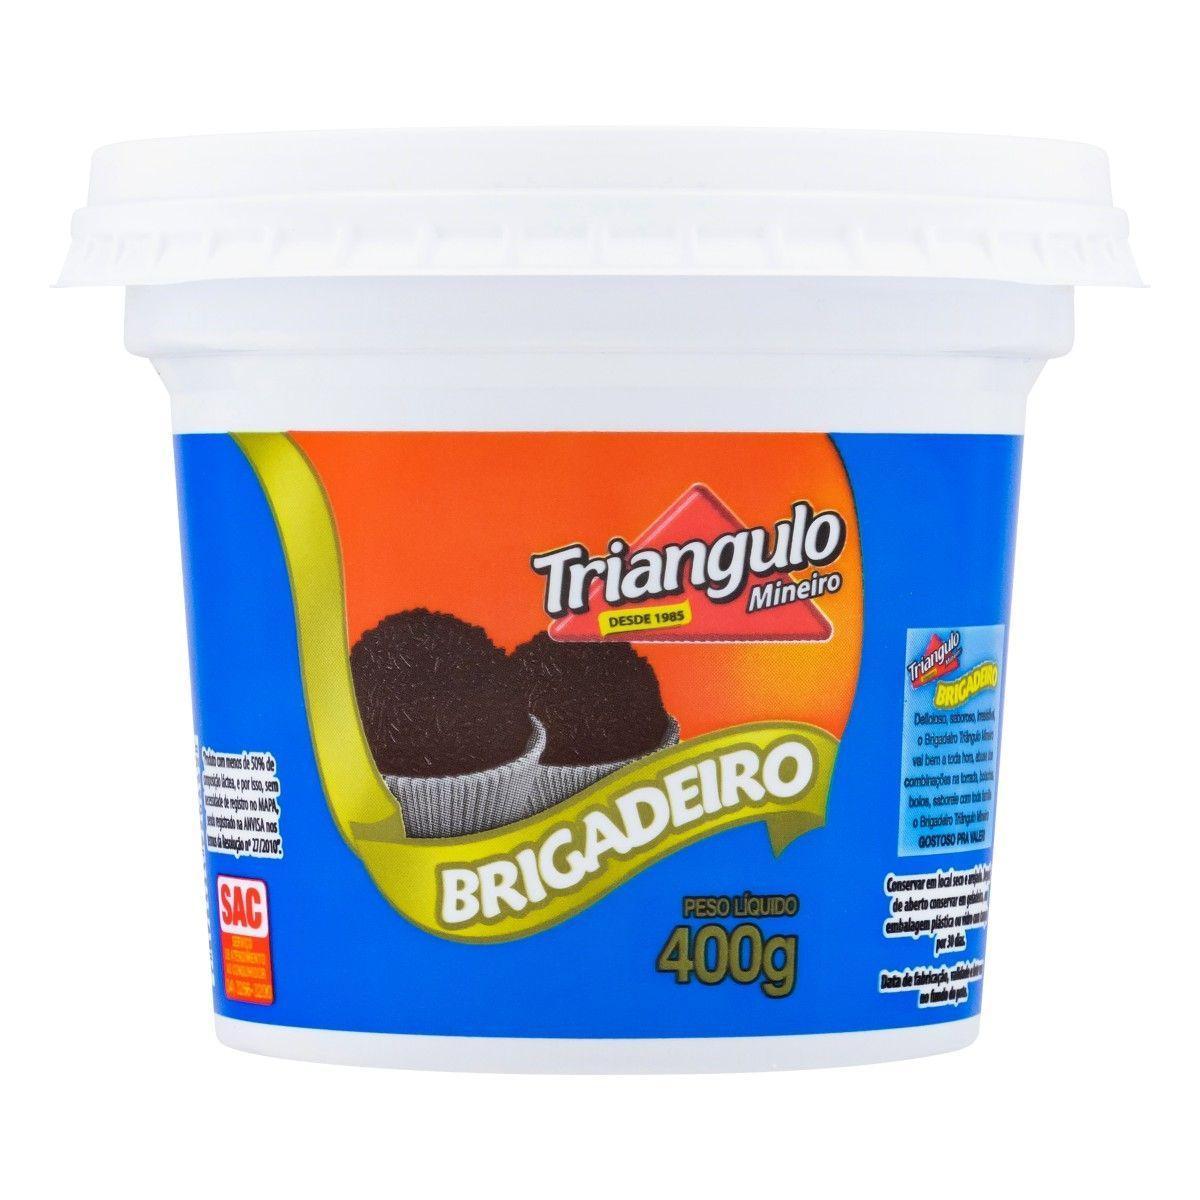 Brigadeiro pronto 400g Triângulo Mineiro pote POTE